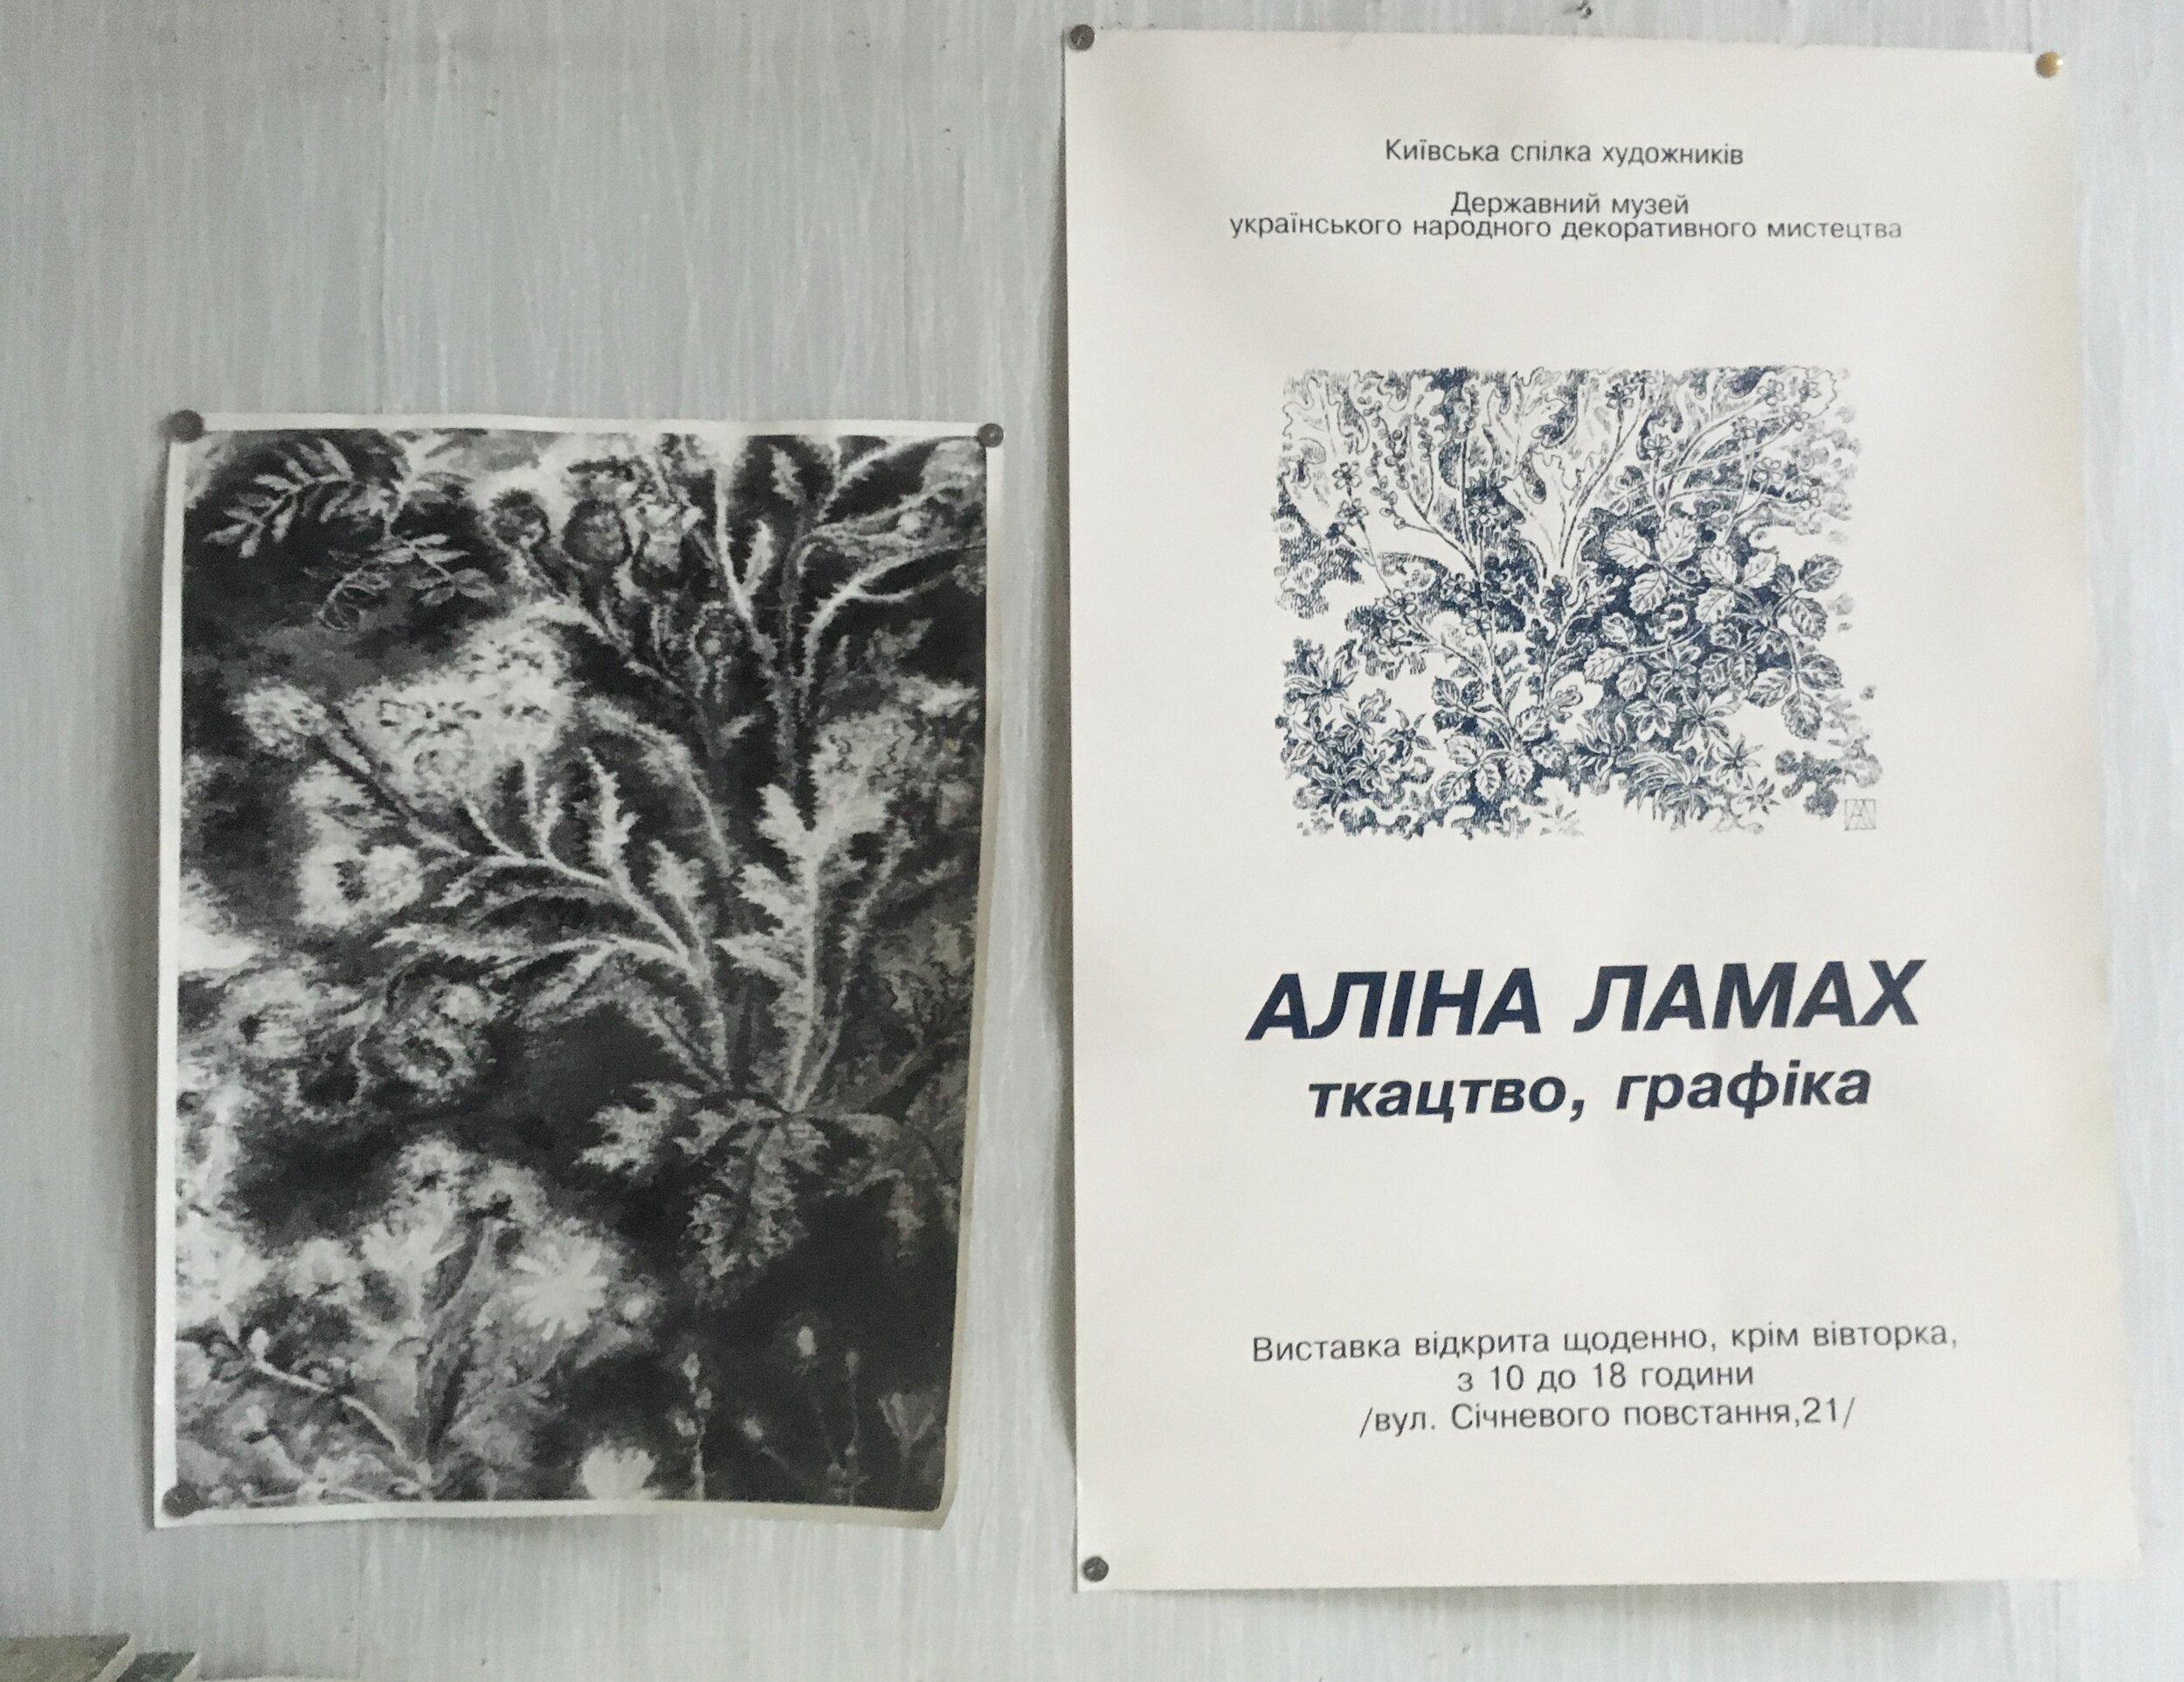 Пам'яті Аліни Ламах